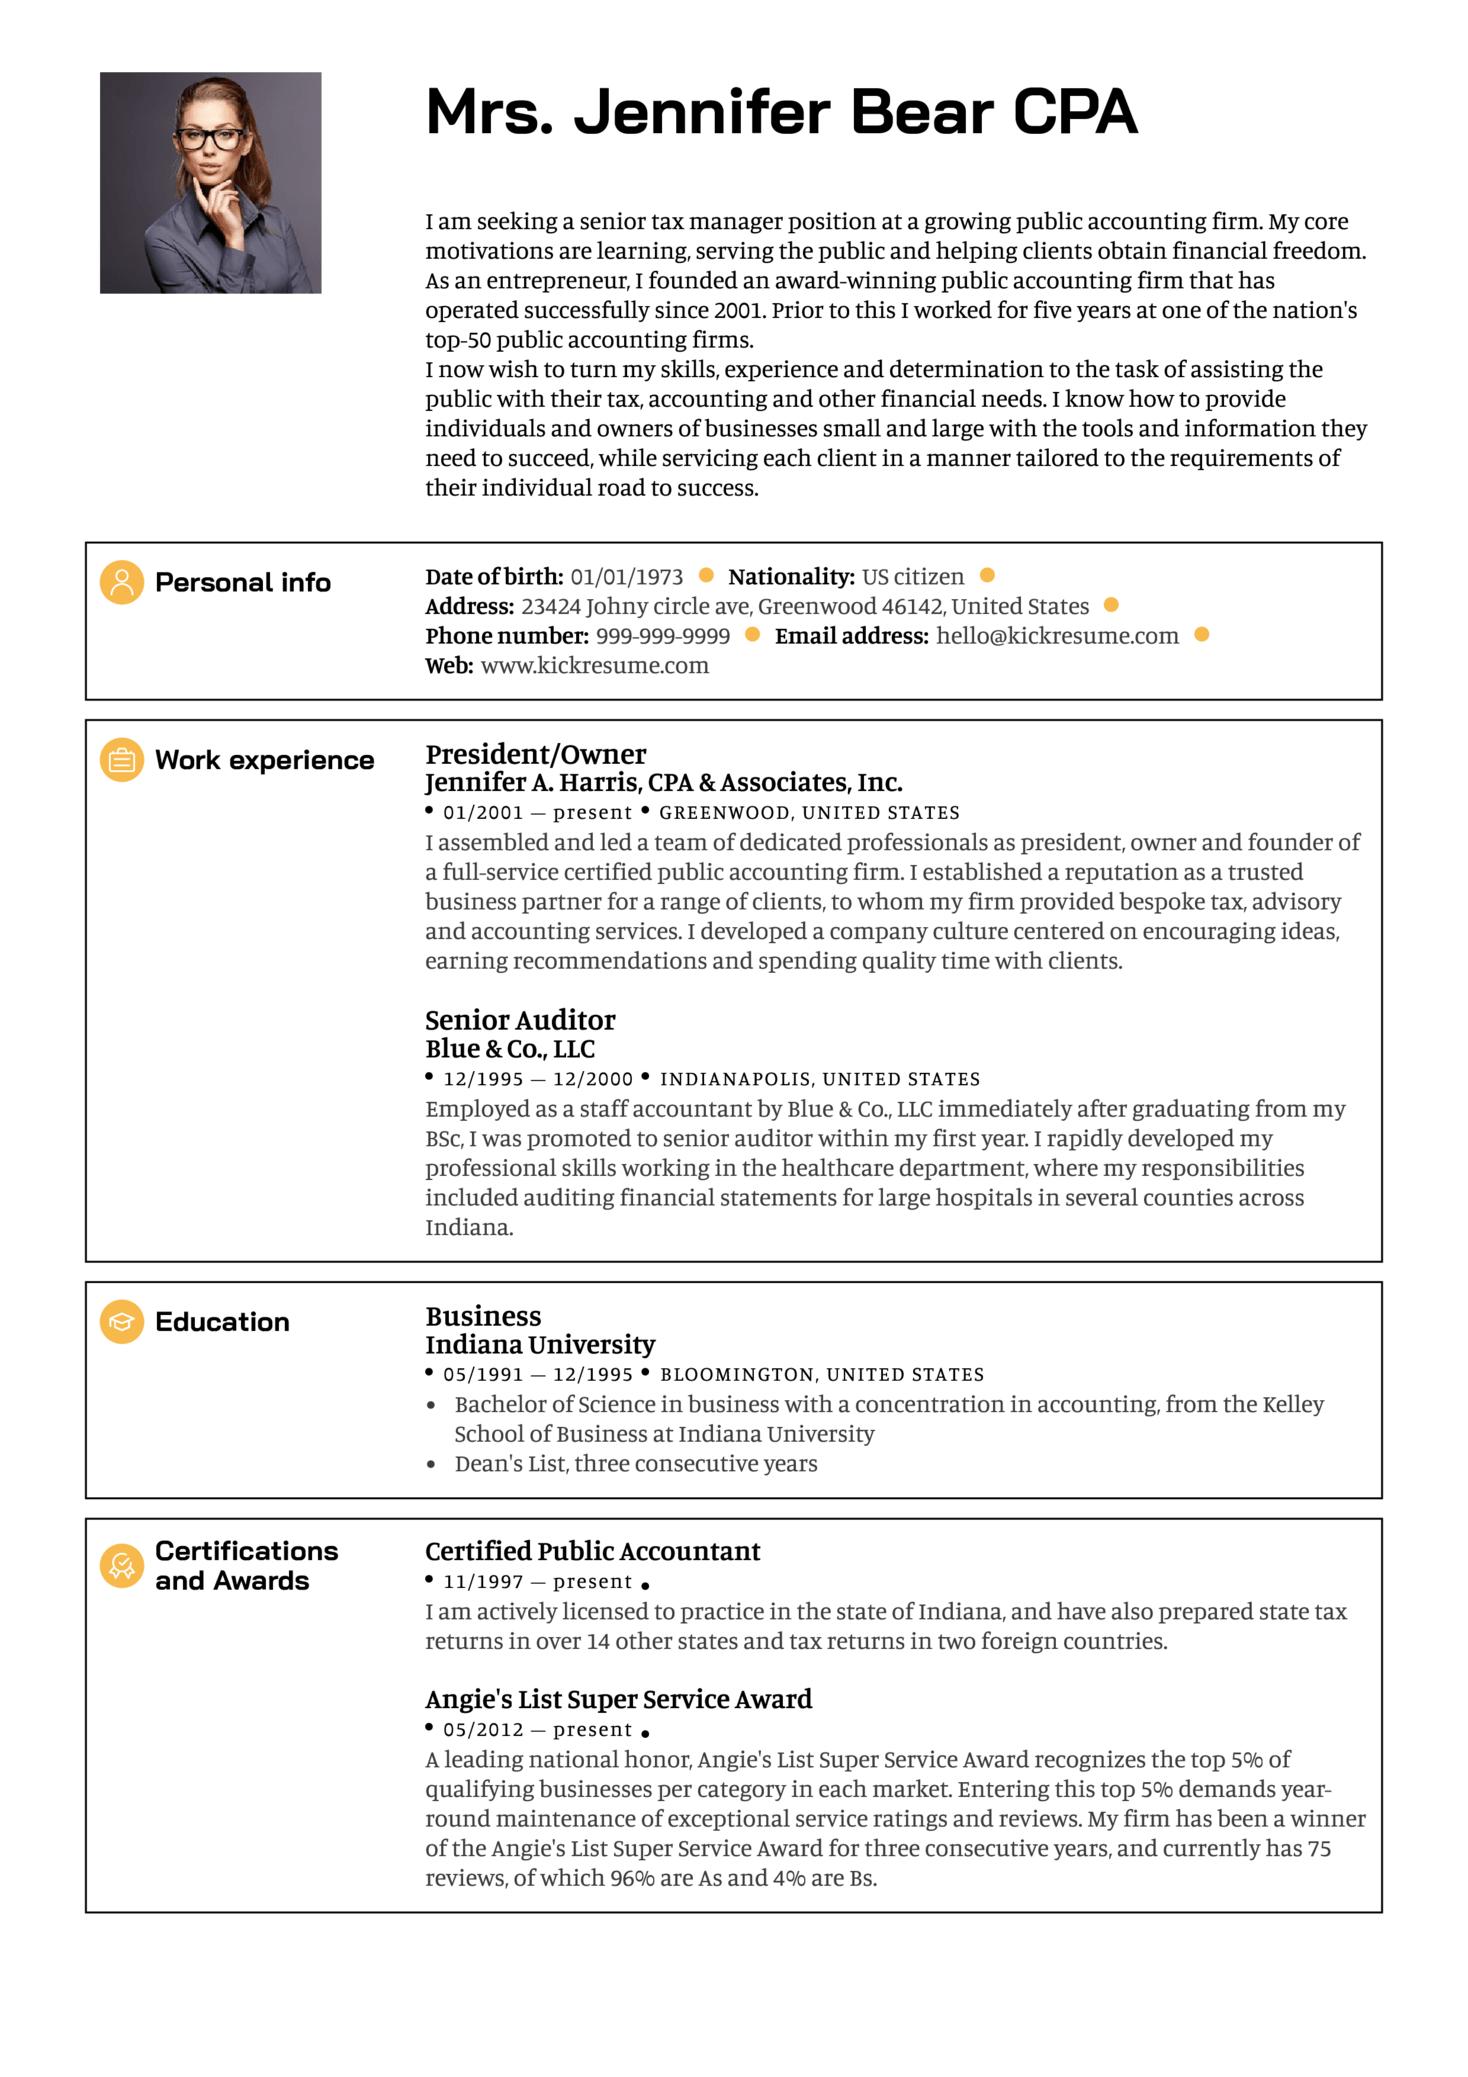 Senior Manager Resume Sample (Part 1)